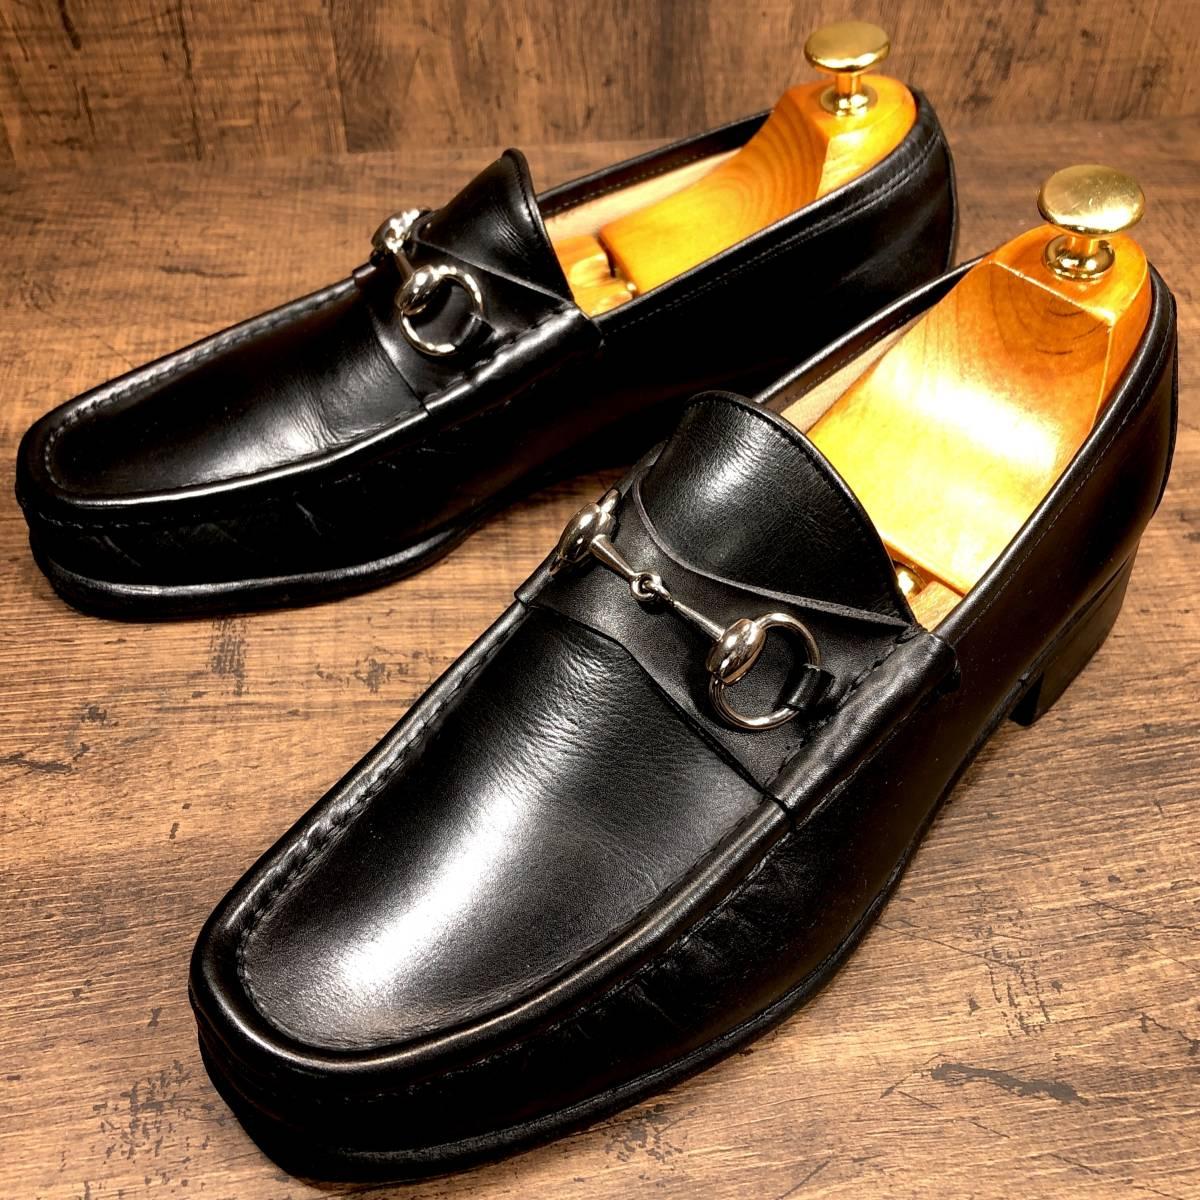 ■GUCCI■ 26cm 黒 ブラック グッチ ビットローファー メンズ 革靴 靴 本革 ビジネス ドレス くつ 即決_画像4